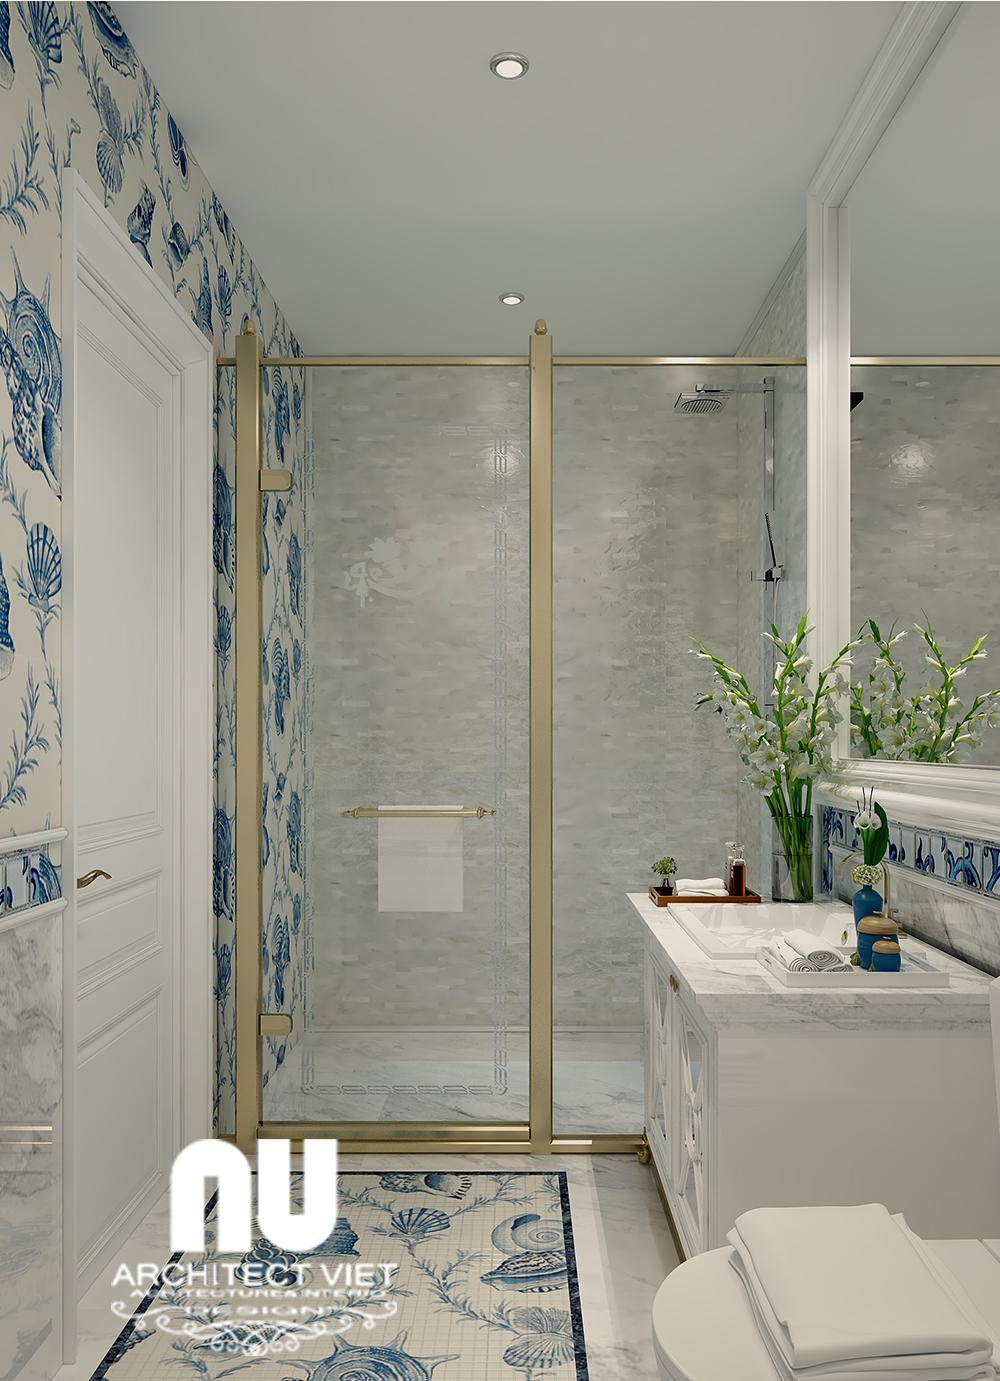 thiết kế nội thất phòng tắm sang trọng với đồ nội thất hiện đại